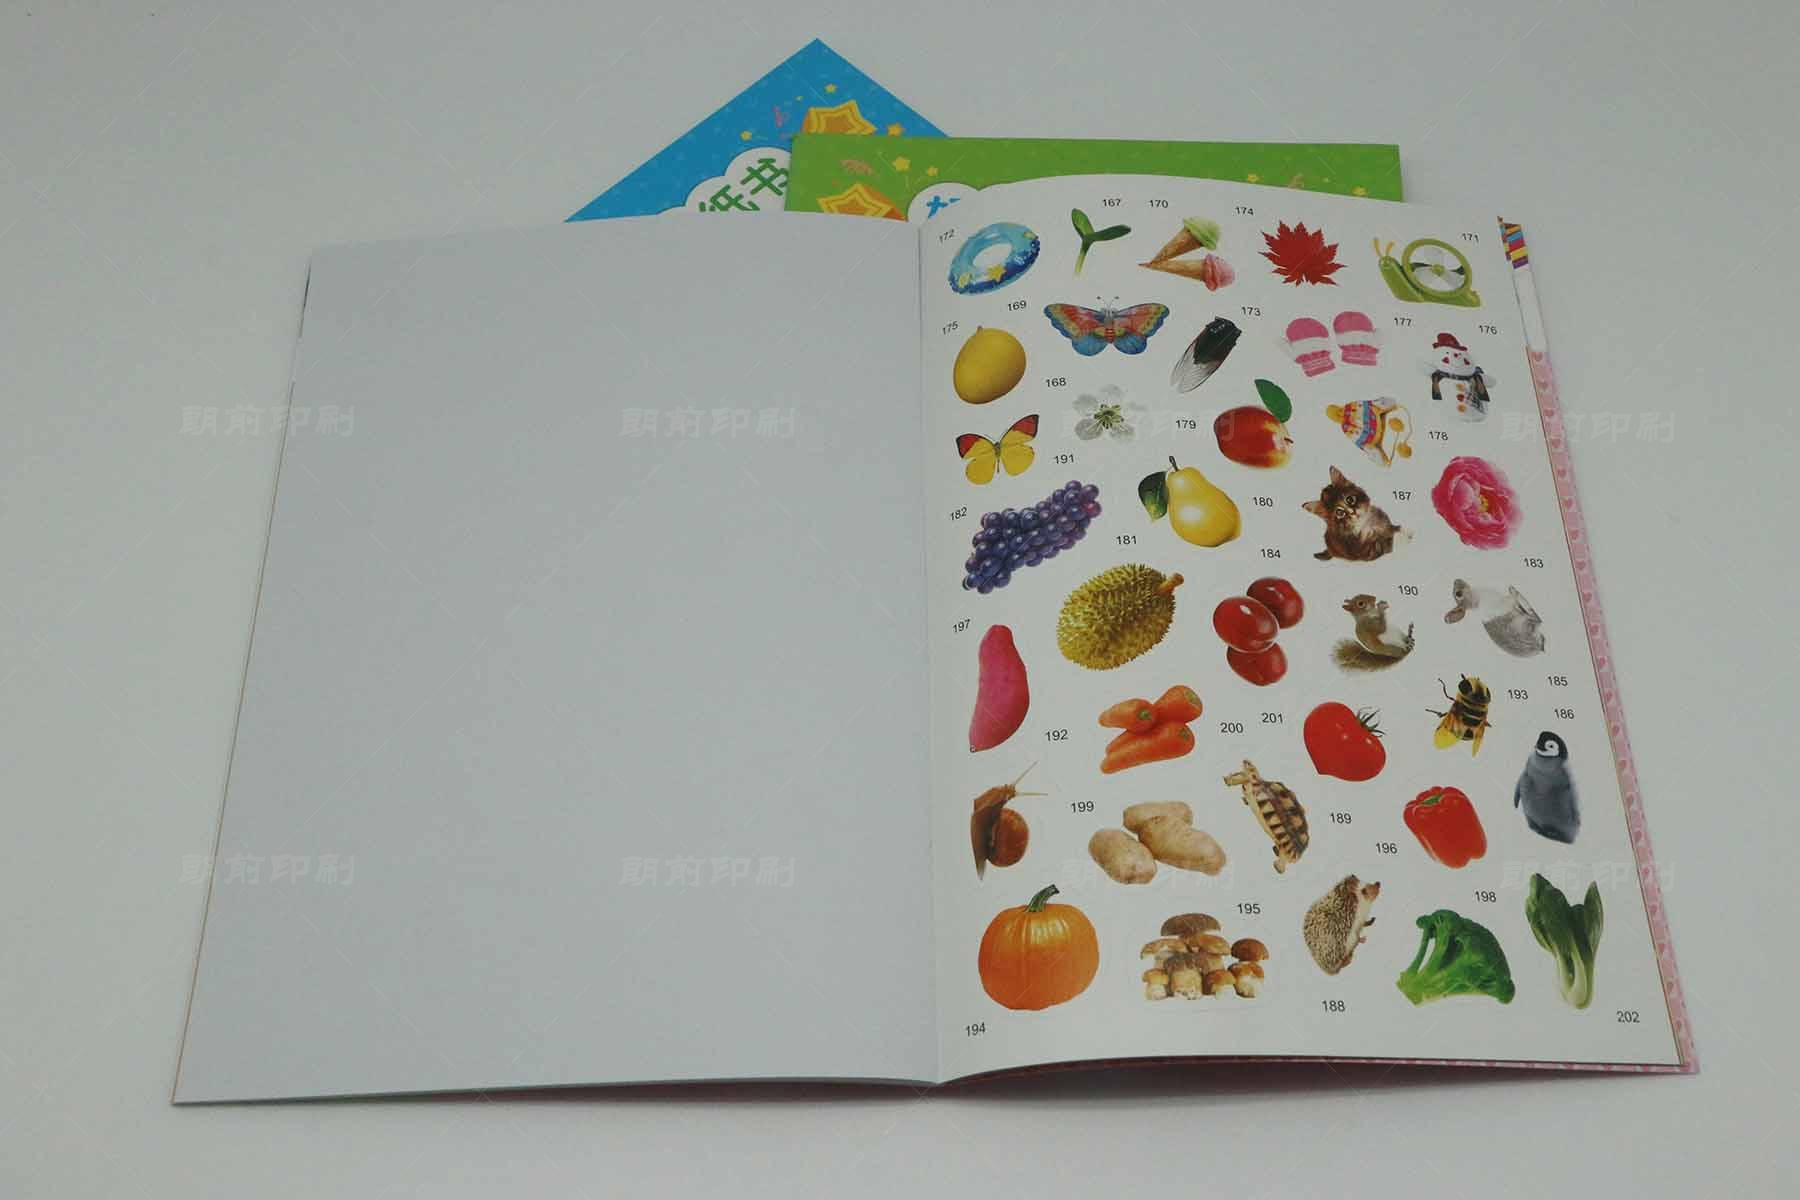 广州印刷品报价 广州画册设计印刷